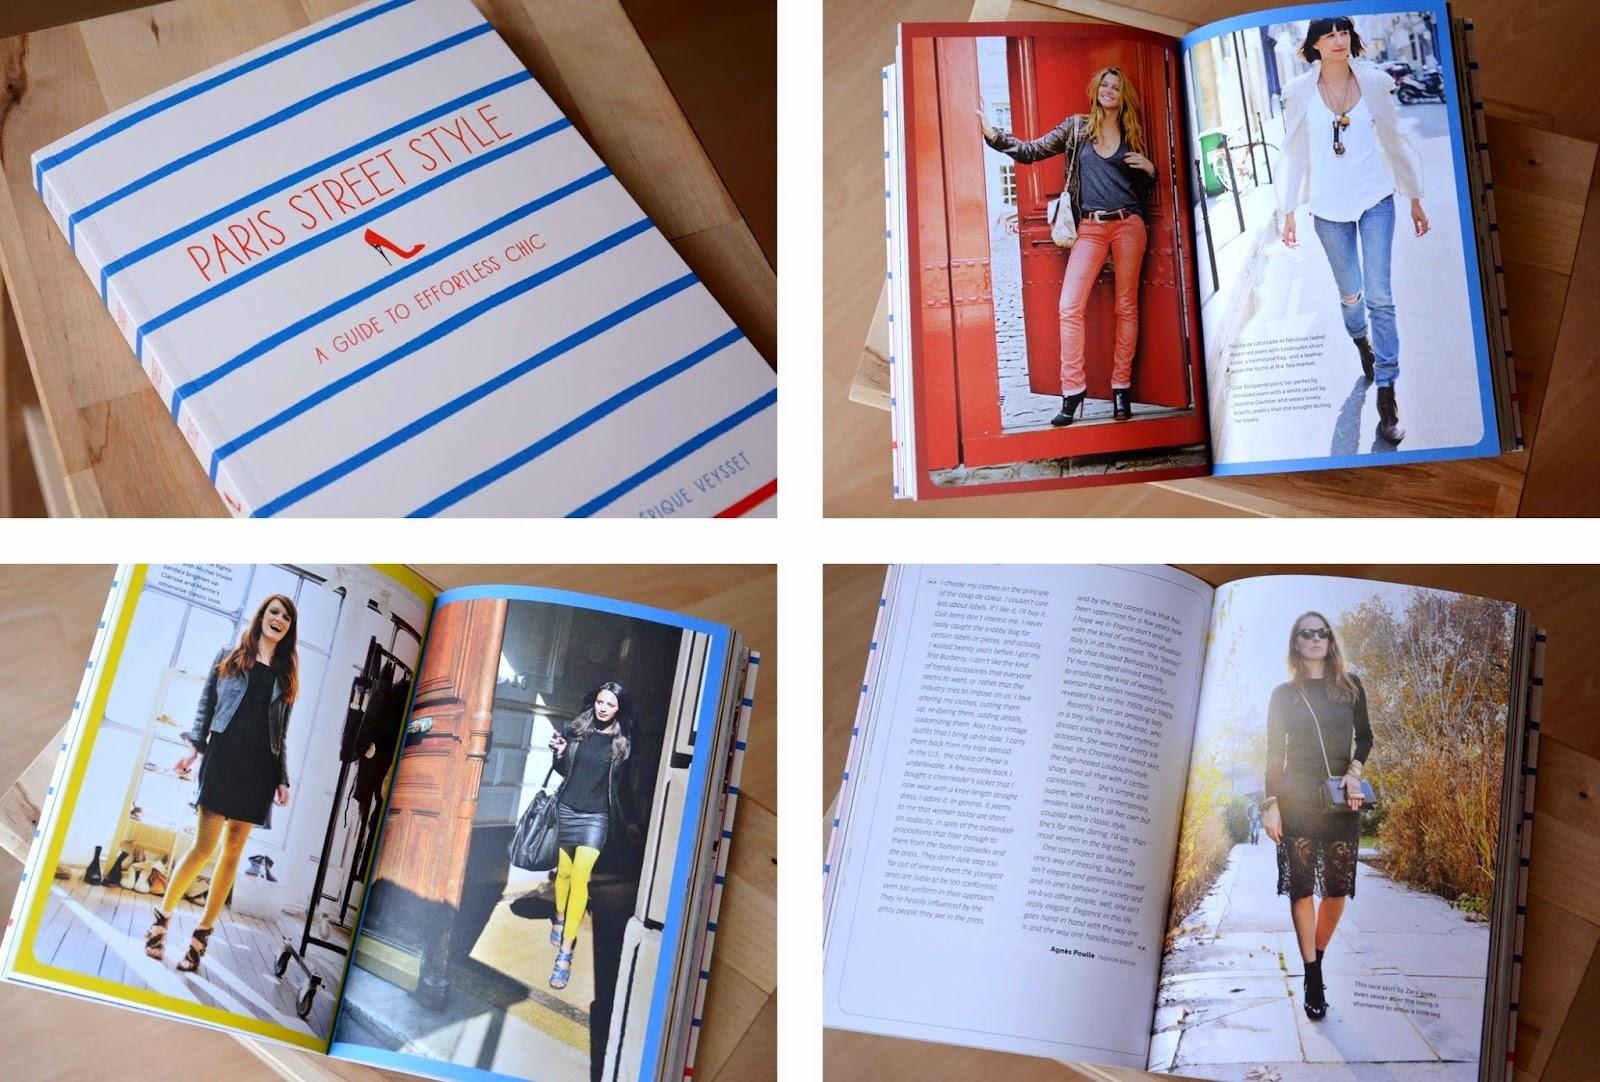 Paris street style, Book about Paris style, Paris Style